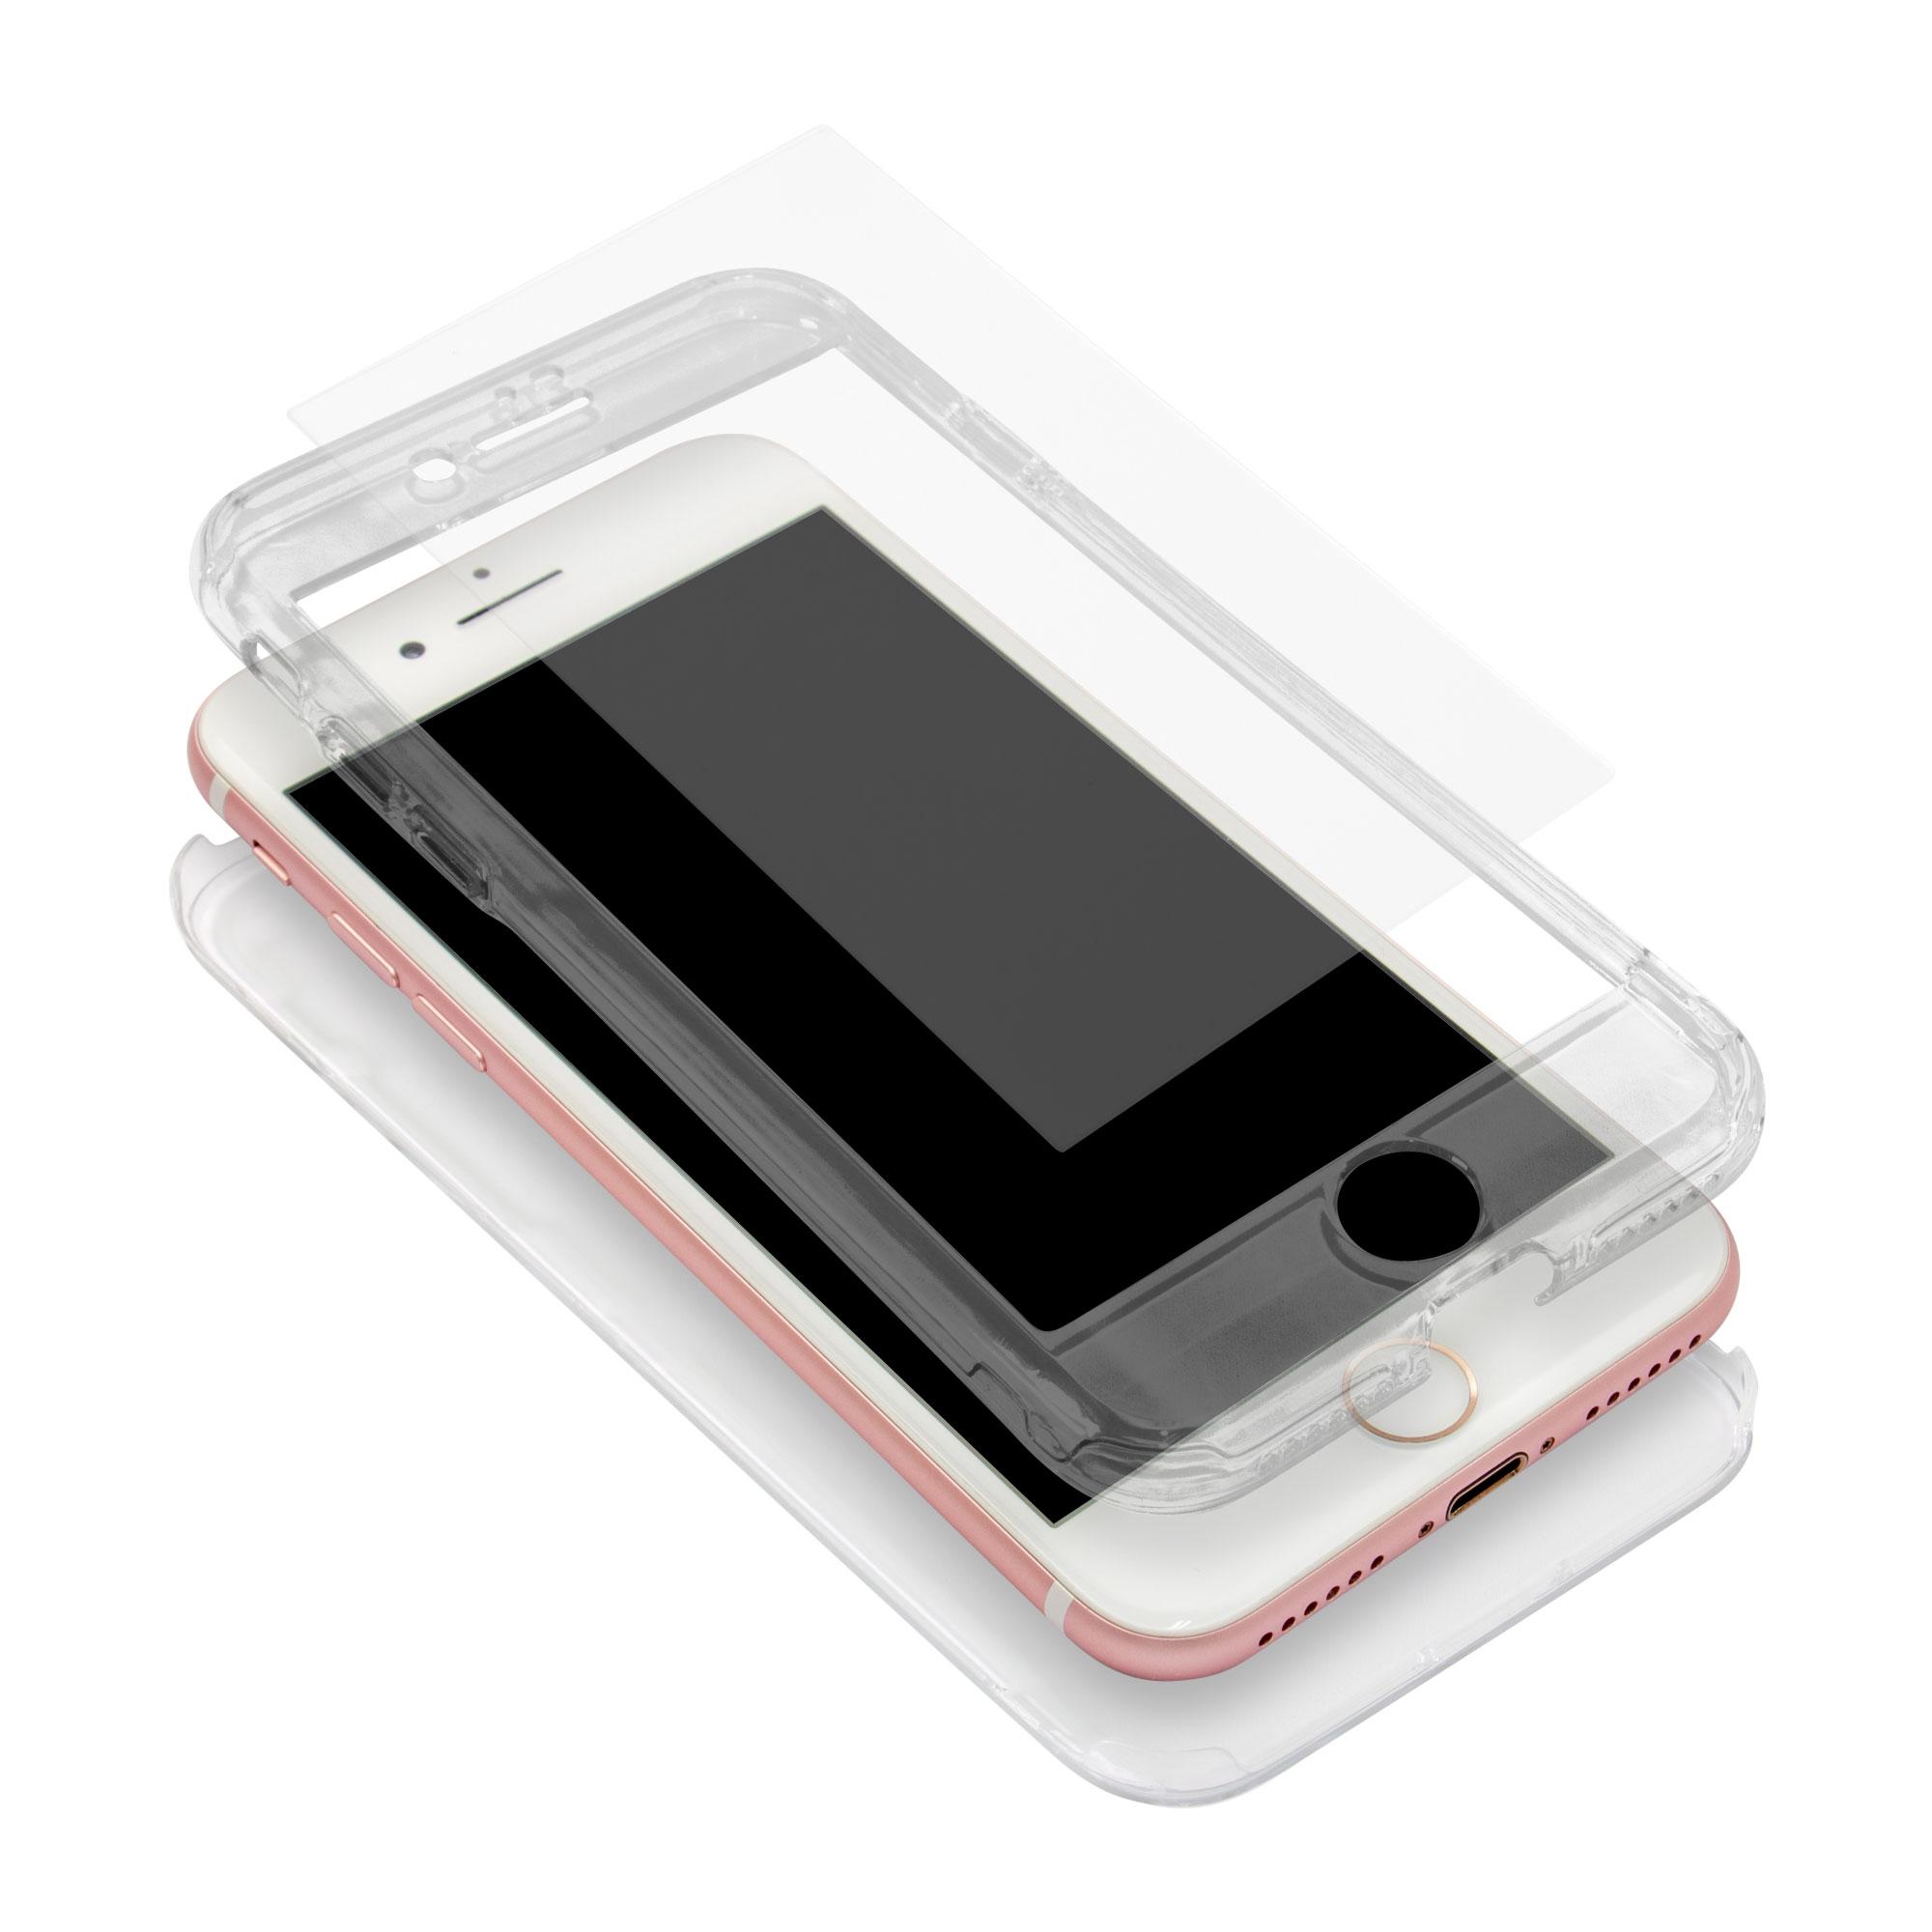 360度フルカバーケース iPhone8/7対応 液晶保護ガラス付き(OWL-CVIA4719)宅C